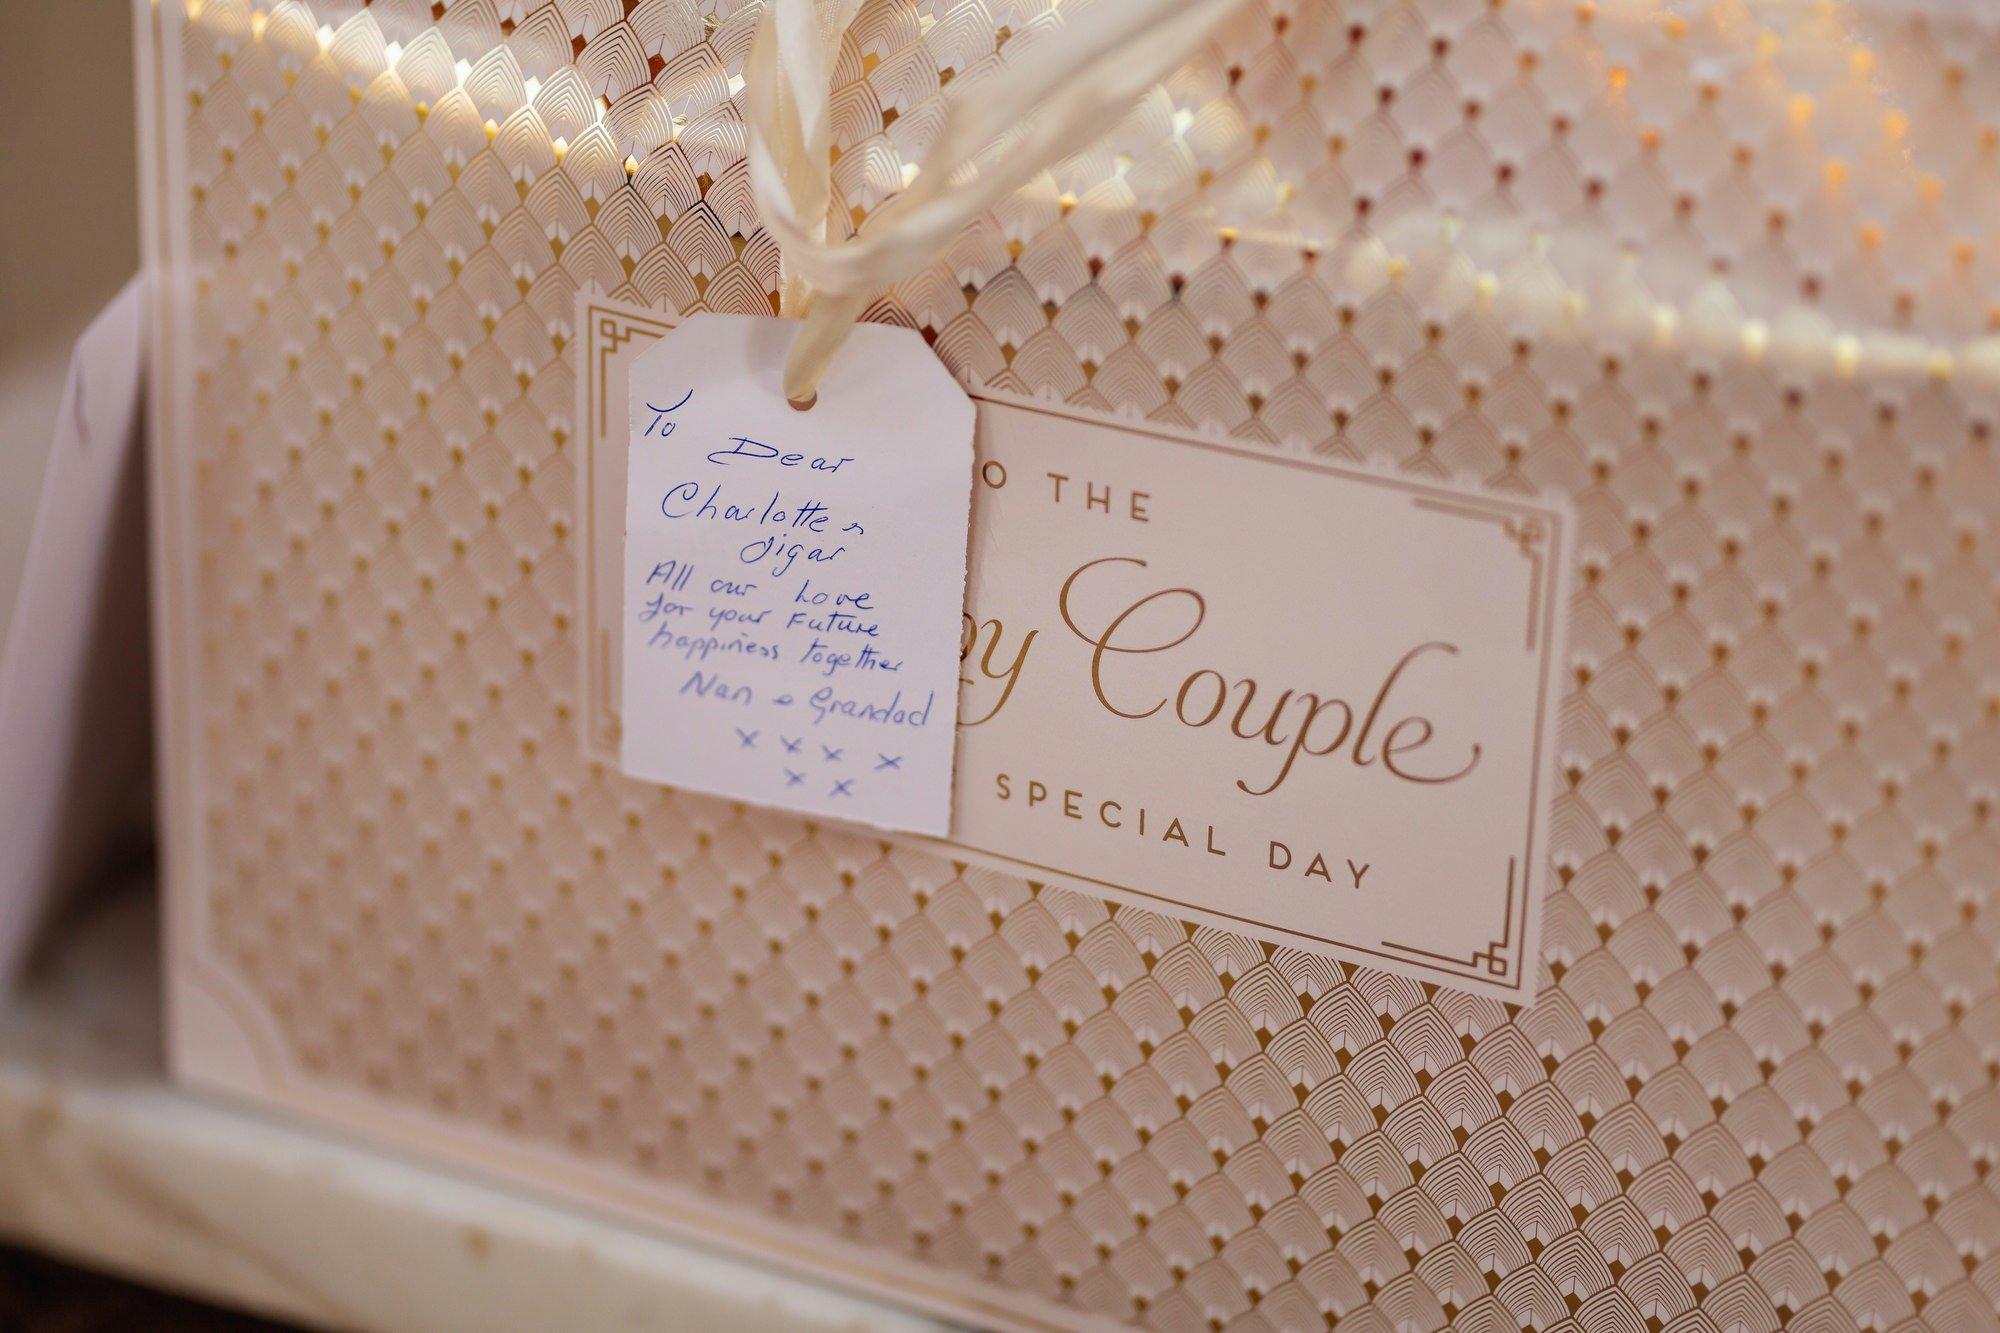 Euridge Manor, Cotswolds, Couples gift, Asian Wedding Photography